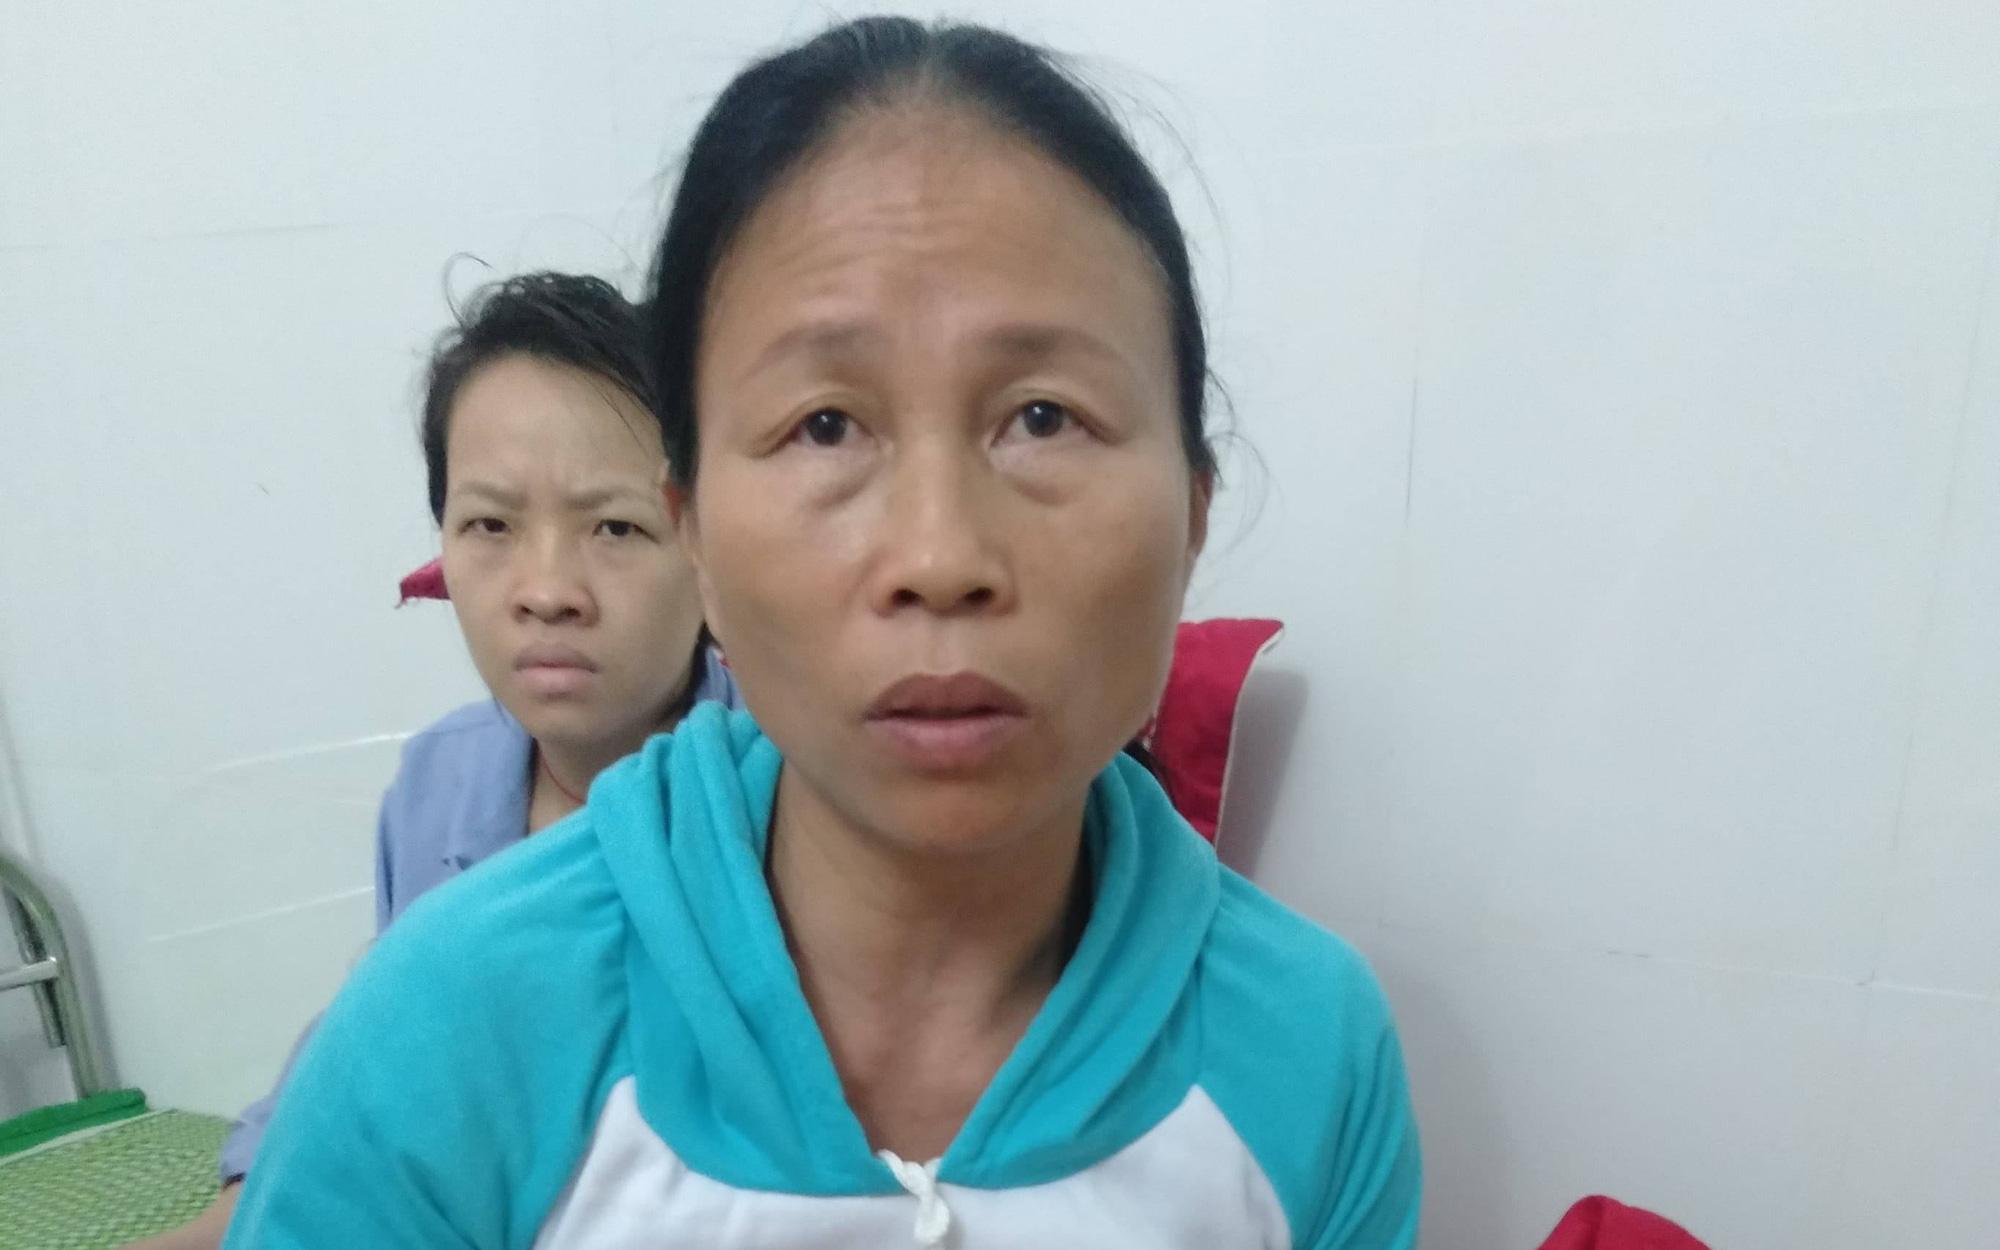 Nghệ An: Bé trai sinh mổ bị dao cắt rách đầu, khâu 6 mũi